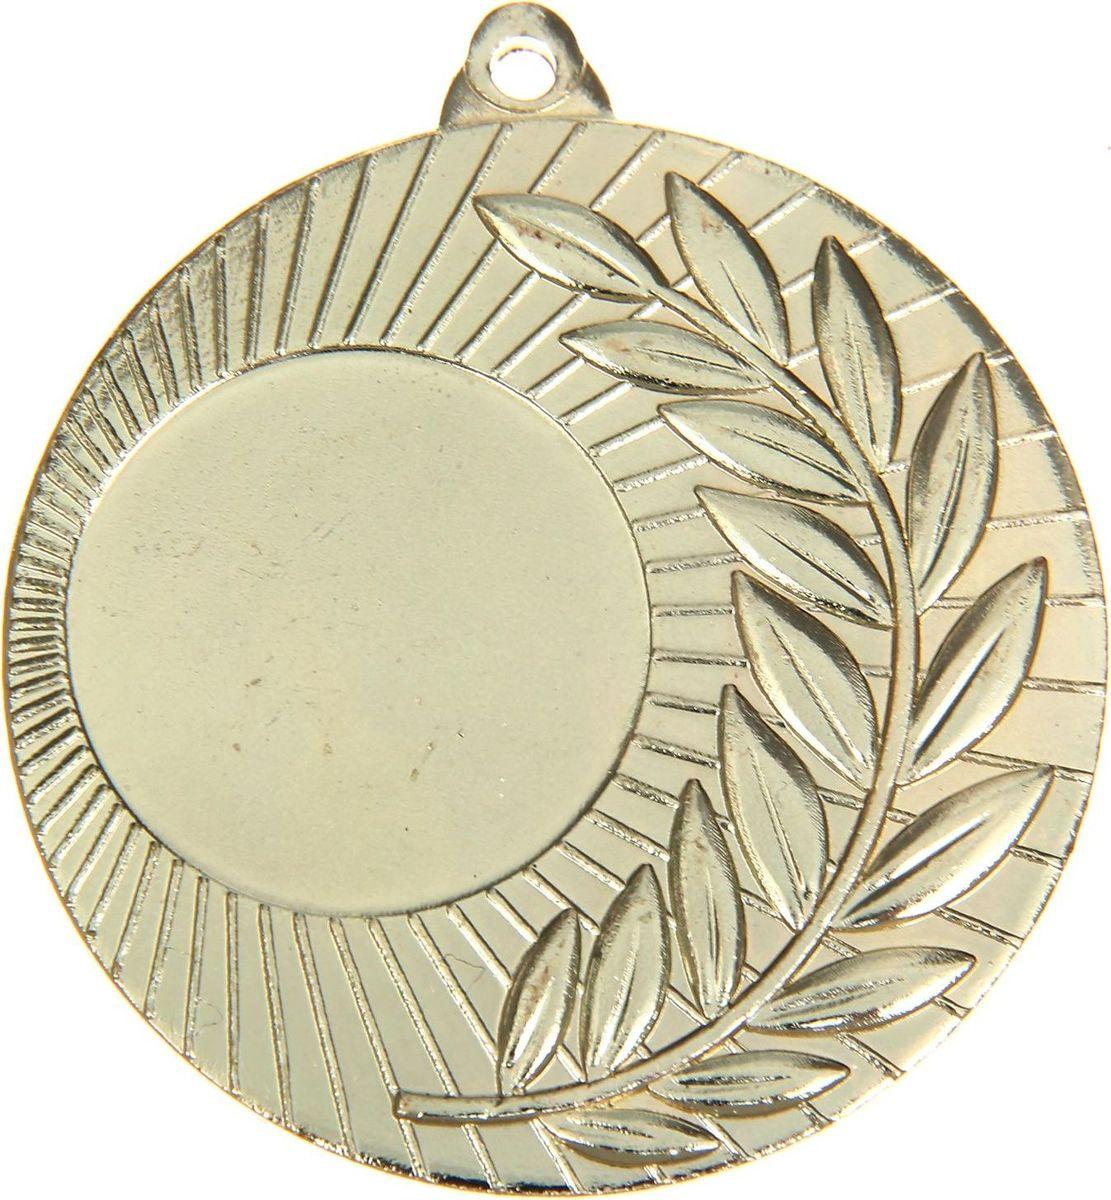 Медаль сувенирная с местом для гравировки, цвет: золотистый, диаметр 5 см. 0211108676Пусть любая победа будет отмечена соответствующей наградой! Медаль — знак отличия, которым награждают самых достойных. Она вручается лишь тем, кто проявил настойчивость и волю к победе. Каждое достижение — это важное событие, которое должно остаться в памяти на долгие годы. Медаль под нанесение 021, d=5, золото изготовлена из металла, в комплект входит лента цвета триколор, являющегося одним из государственных символов России. Характеристики: Диаметр медали: 5 см Диаметр вкладыша (лицо): 2,5 см Диаметр вкладыша (оборот): 4,5 см Ширина ленты: 2,5 см.